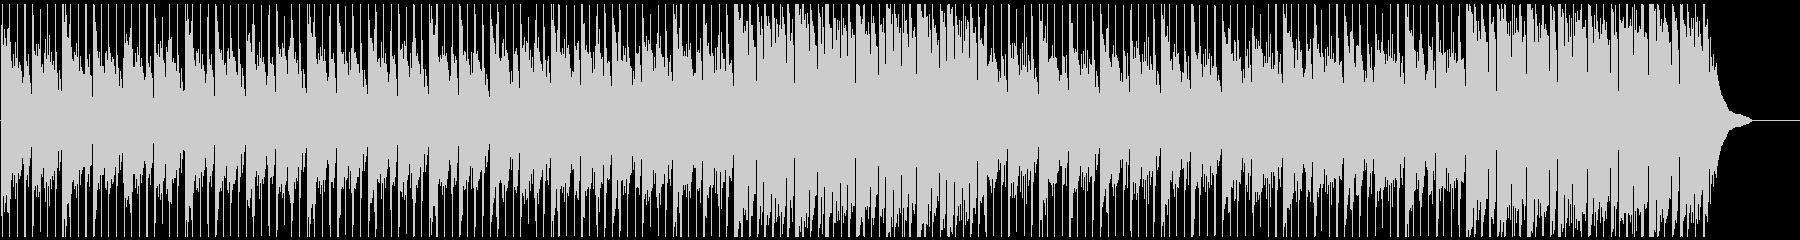 企業VPに 疾走感のあるピアノメイン曲の未再生の波形